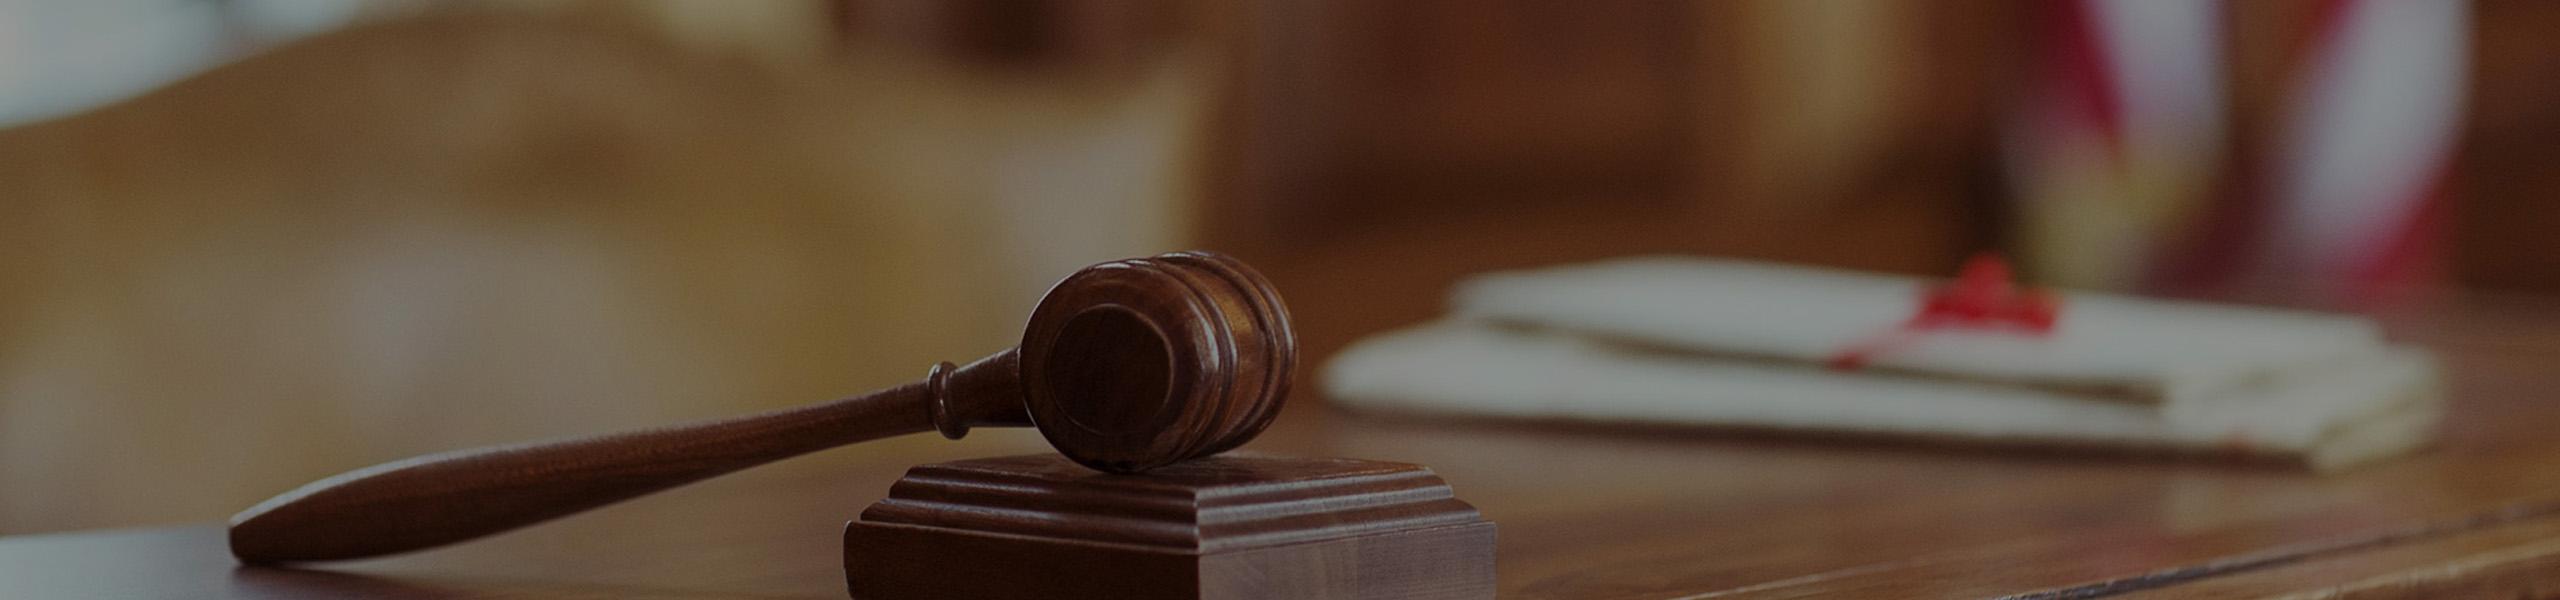 安徽刑事律师团队